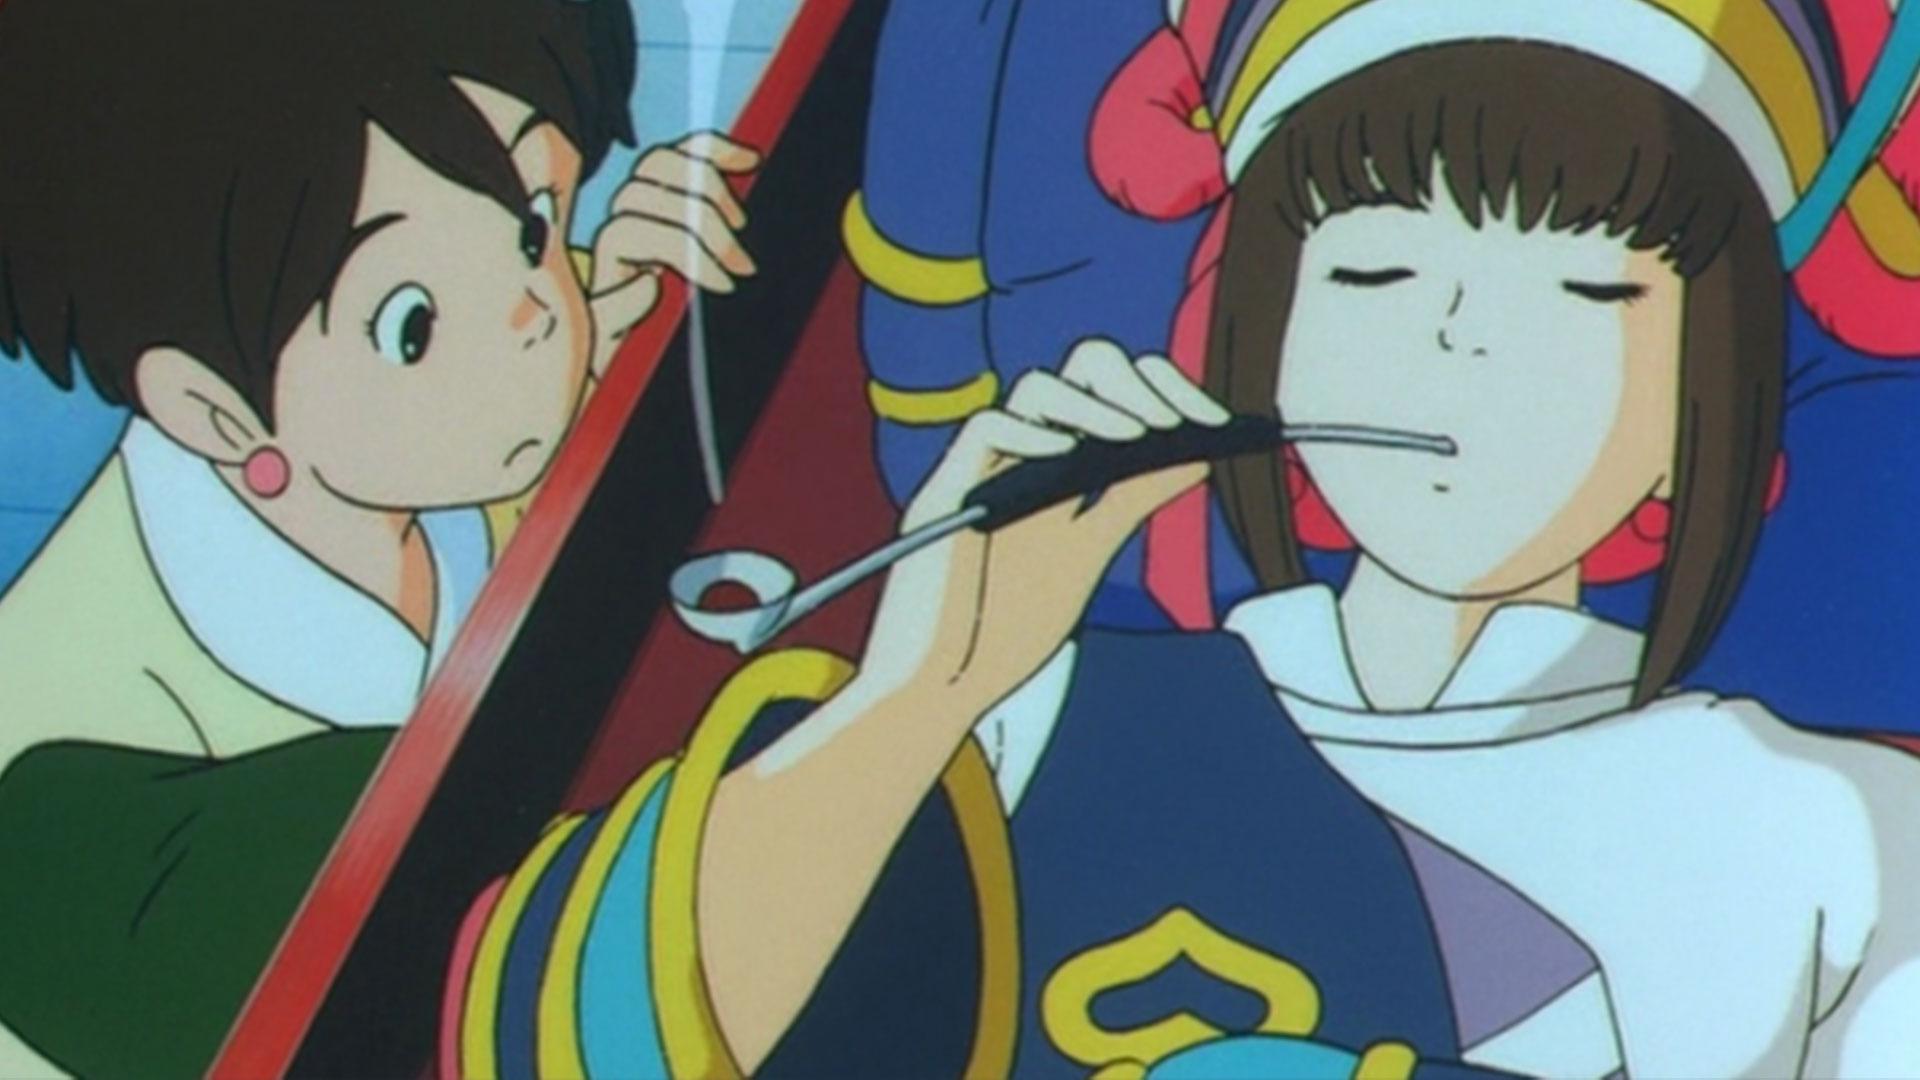 Watch Showa Genroku Rakugo Shinju Season 1 Original Japanese